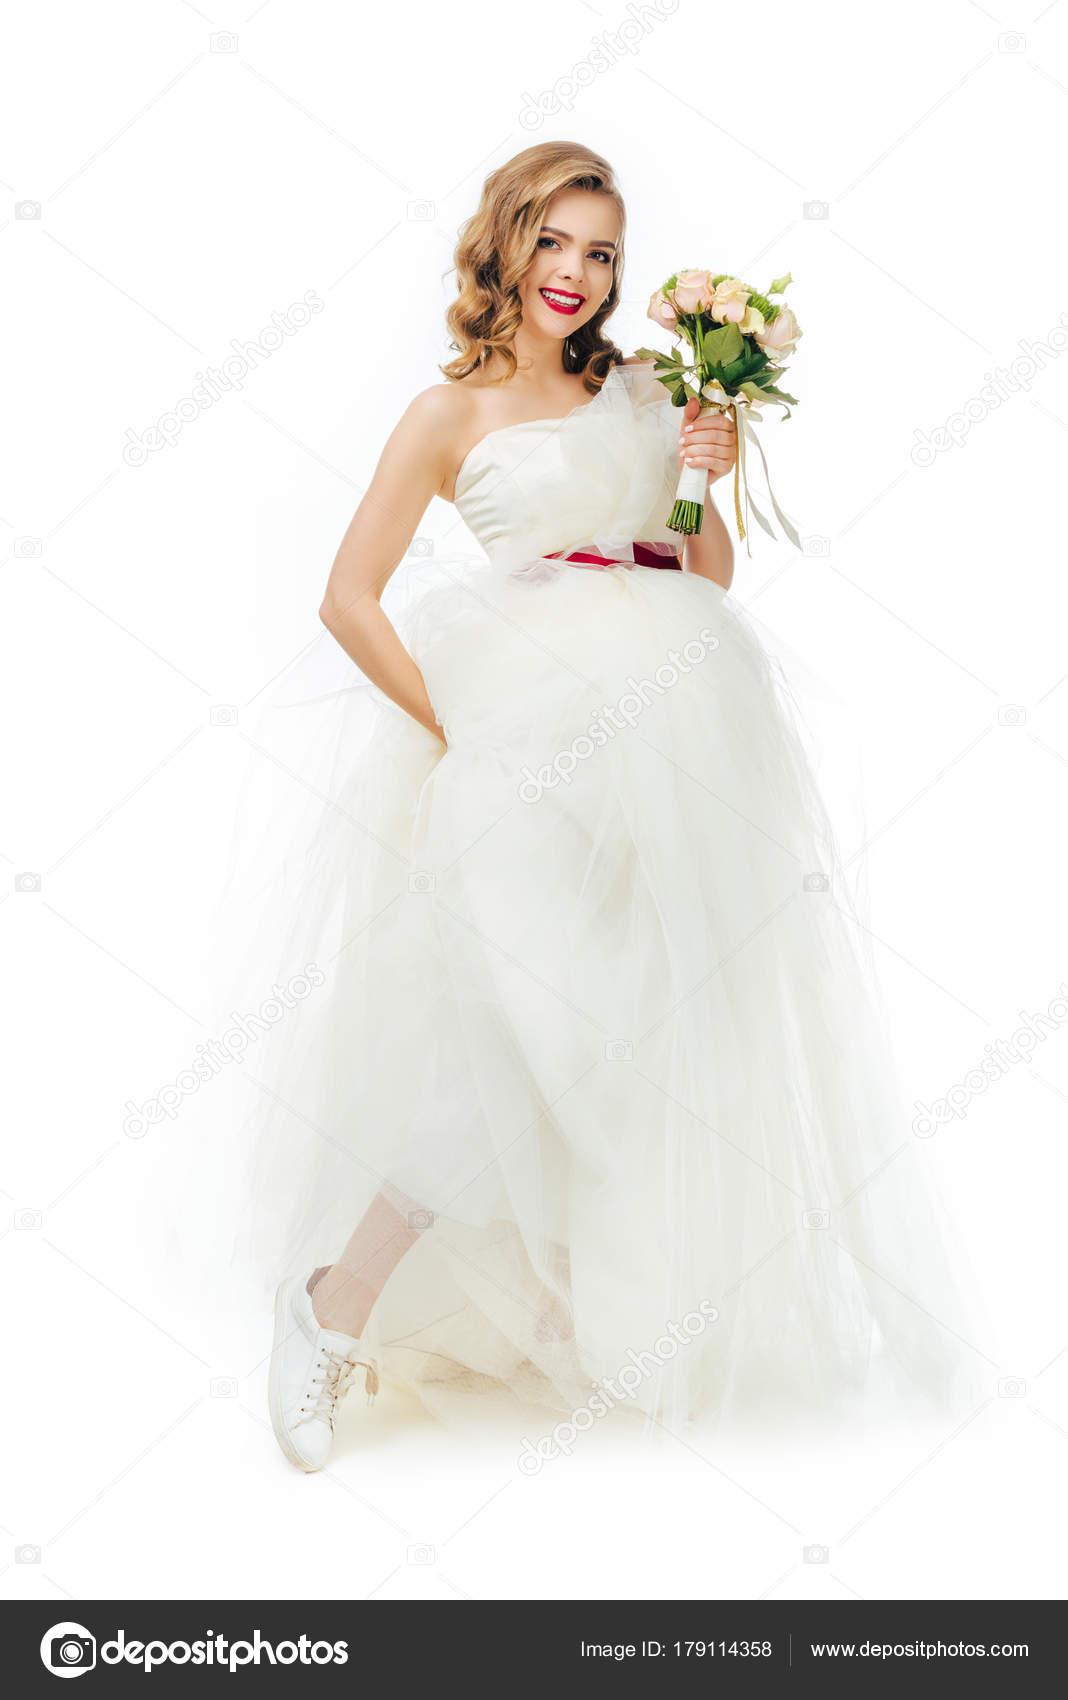 Braut Schonen Hochzeitskleid Mit Blumen Der Hand Lachelnd Isoliert